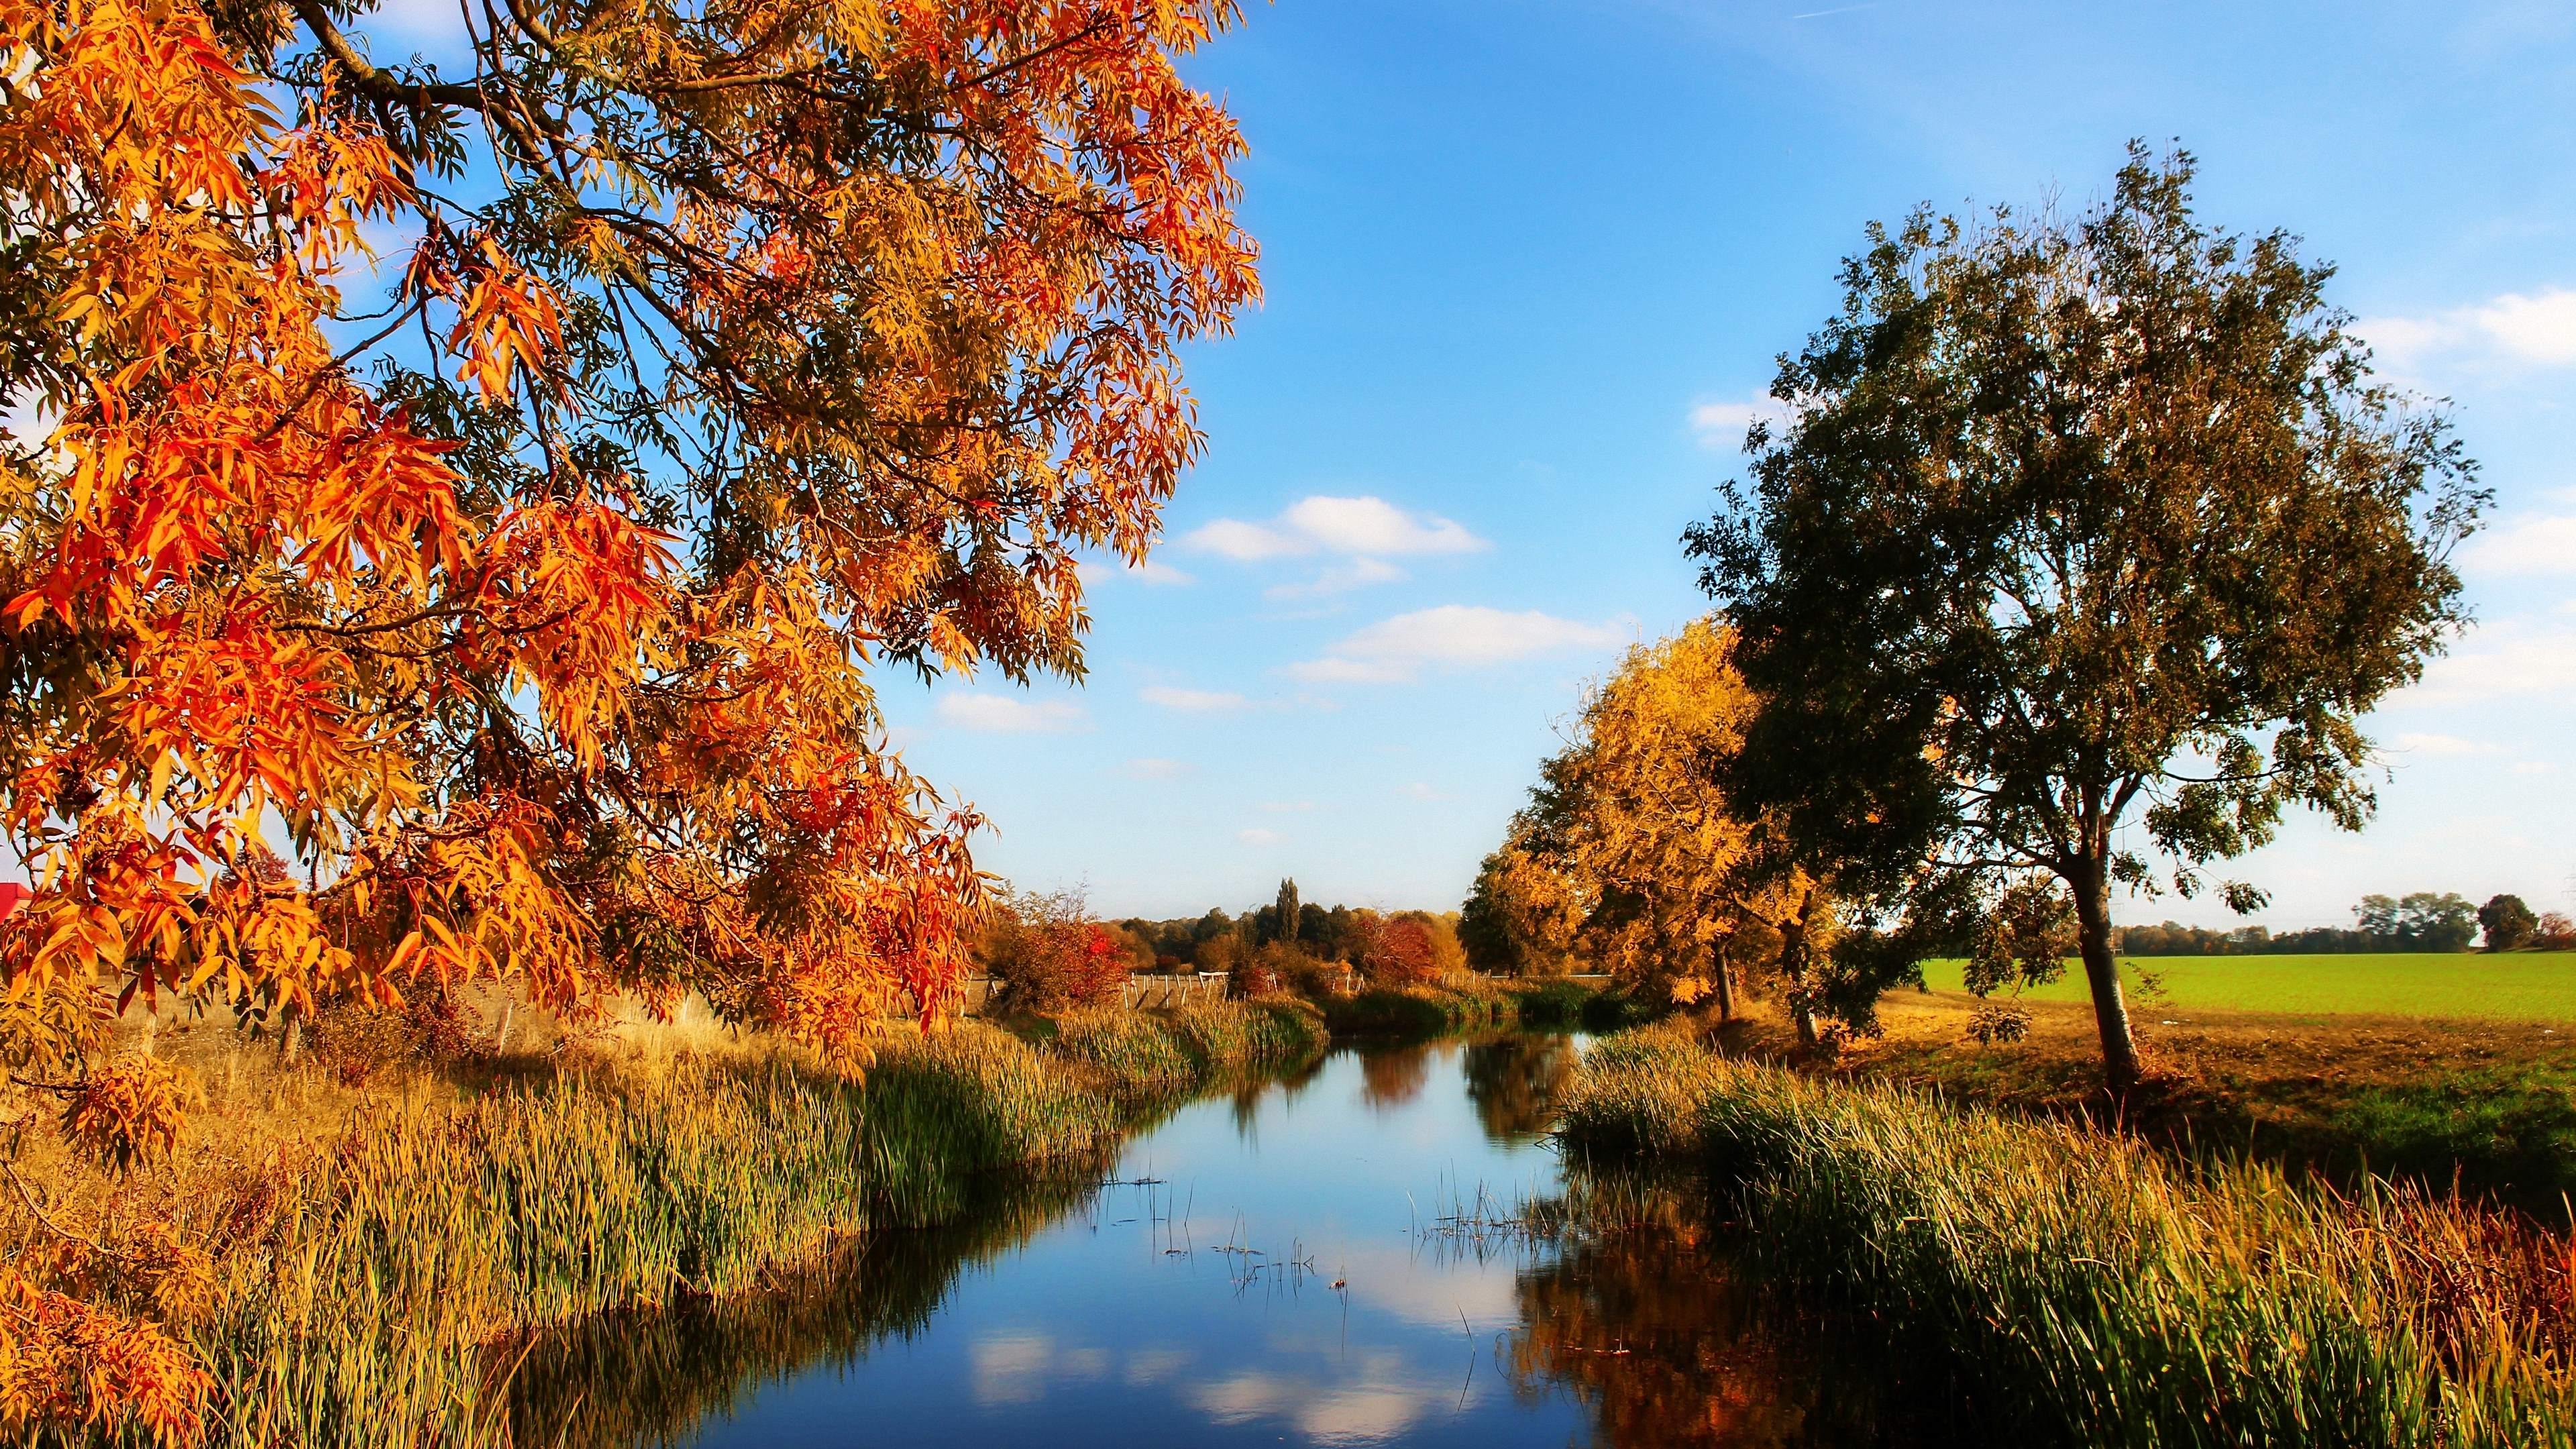 Hintergrundbilder 4K Herbstlandschaft Kostenlos